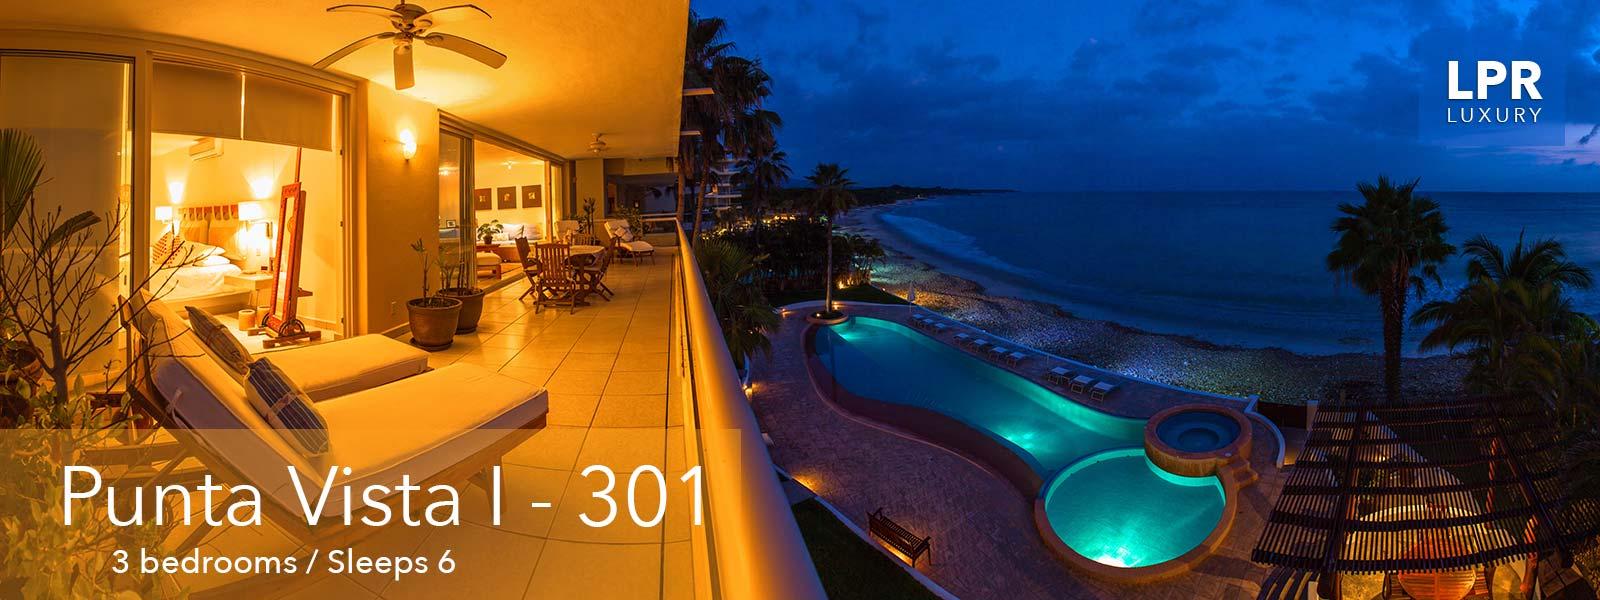 Punta Vista 301 - Playa Punta de Mita Luxury Condos - North Shore Puerto Vallarta - Mexico